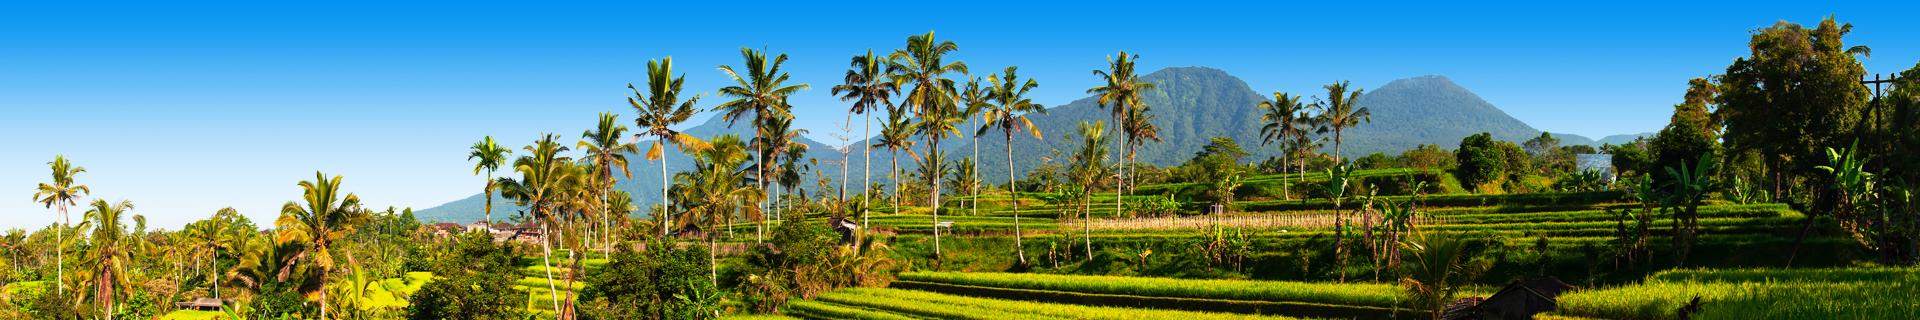 Uitzicht op bergen en palmbomen in Indonesie